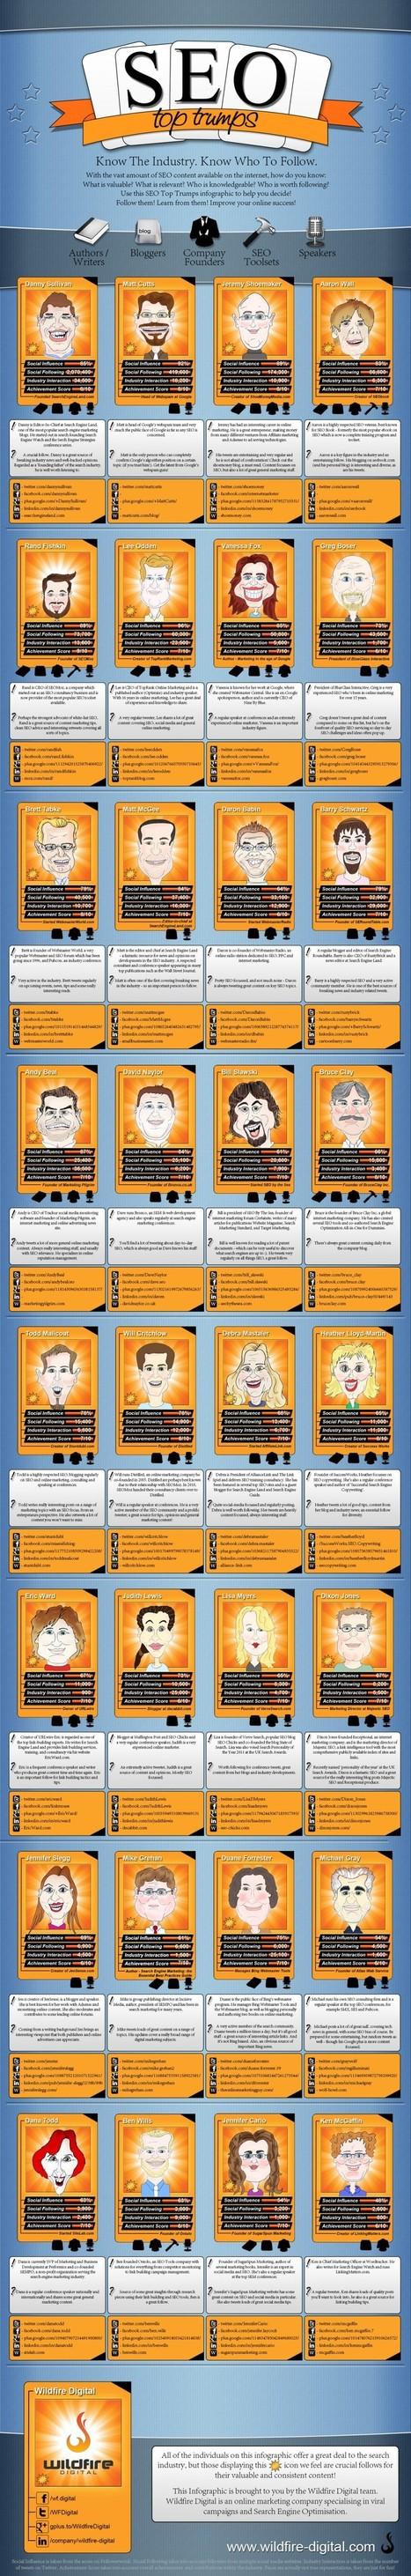 Los gurús del SEO para 2013 #infografia #infographic #seo | Marketing D | Scoop.it